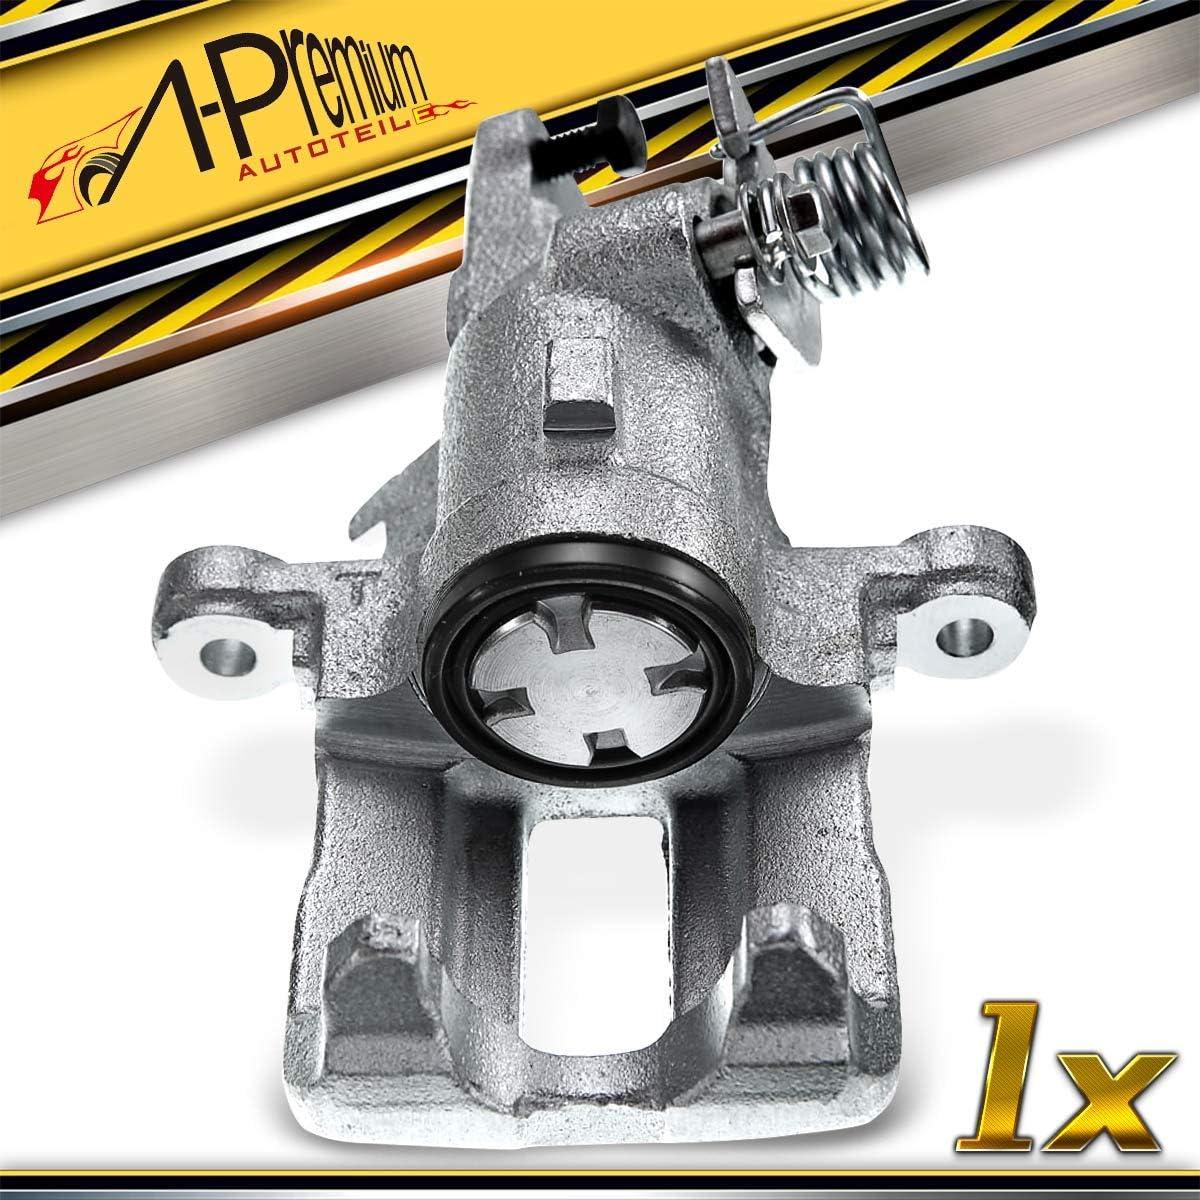 Pinza de freno de eje trasero izquierdo para Almera II N16 Primera P11 Primera Traveller WP11 1996-2001 44011-2F500